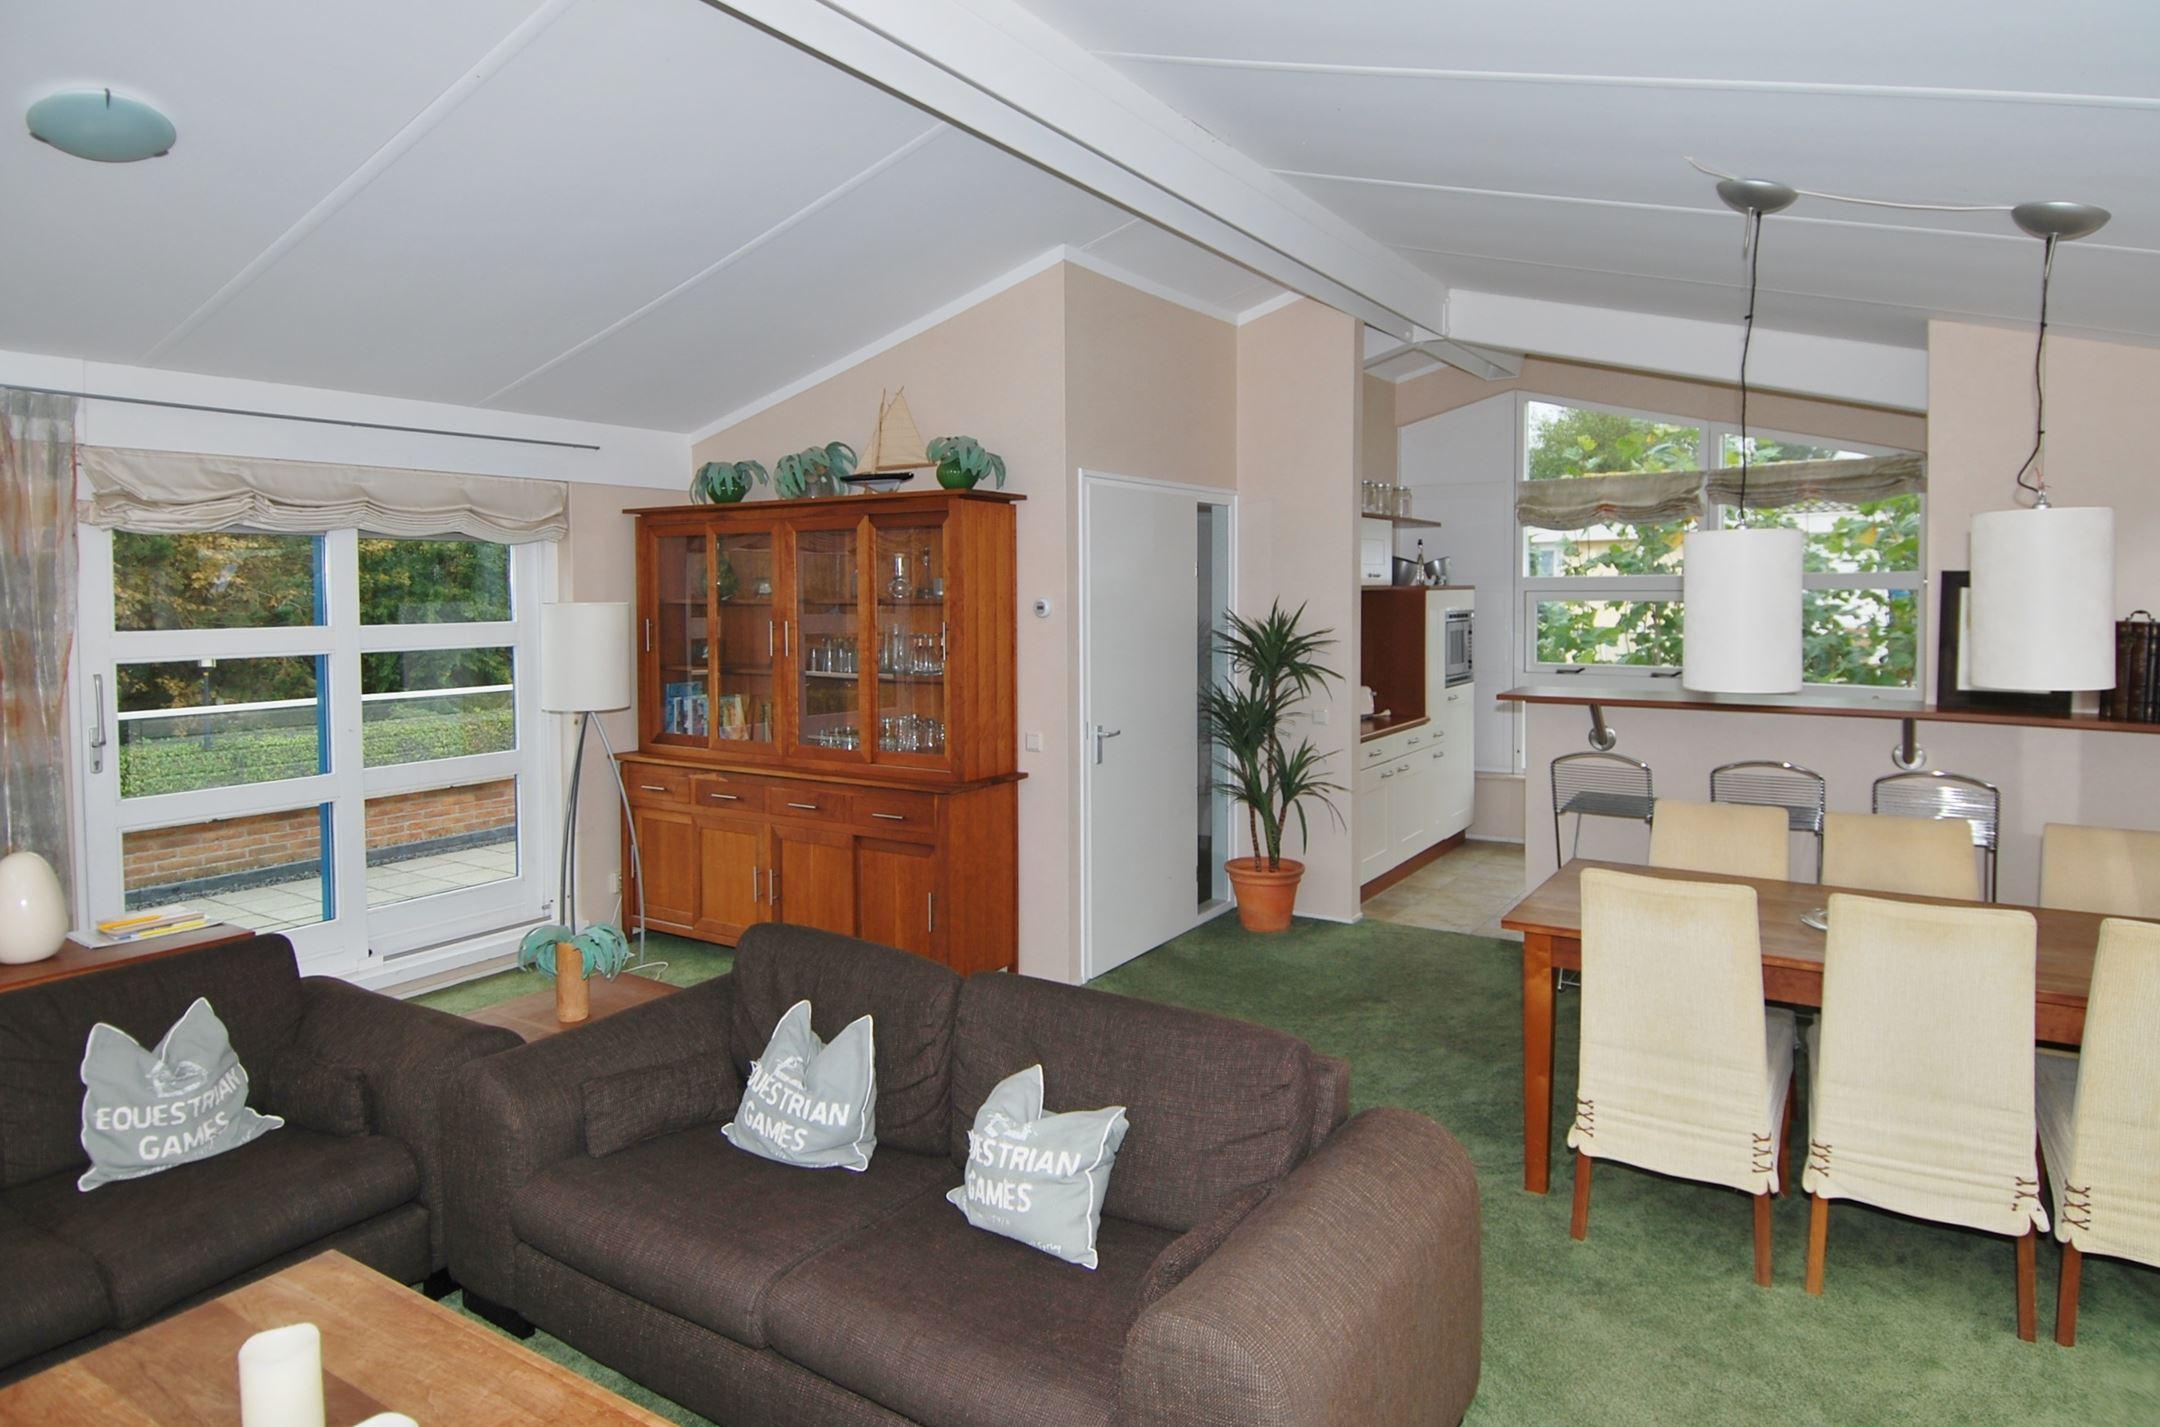 Huis te koop s nbank 1 8711 jj workum funda - Fotos eigentijdse huizen ...